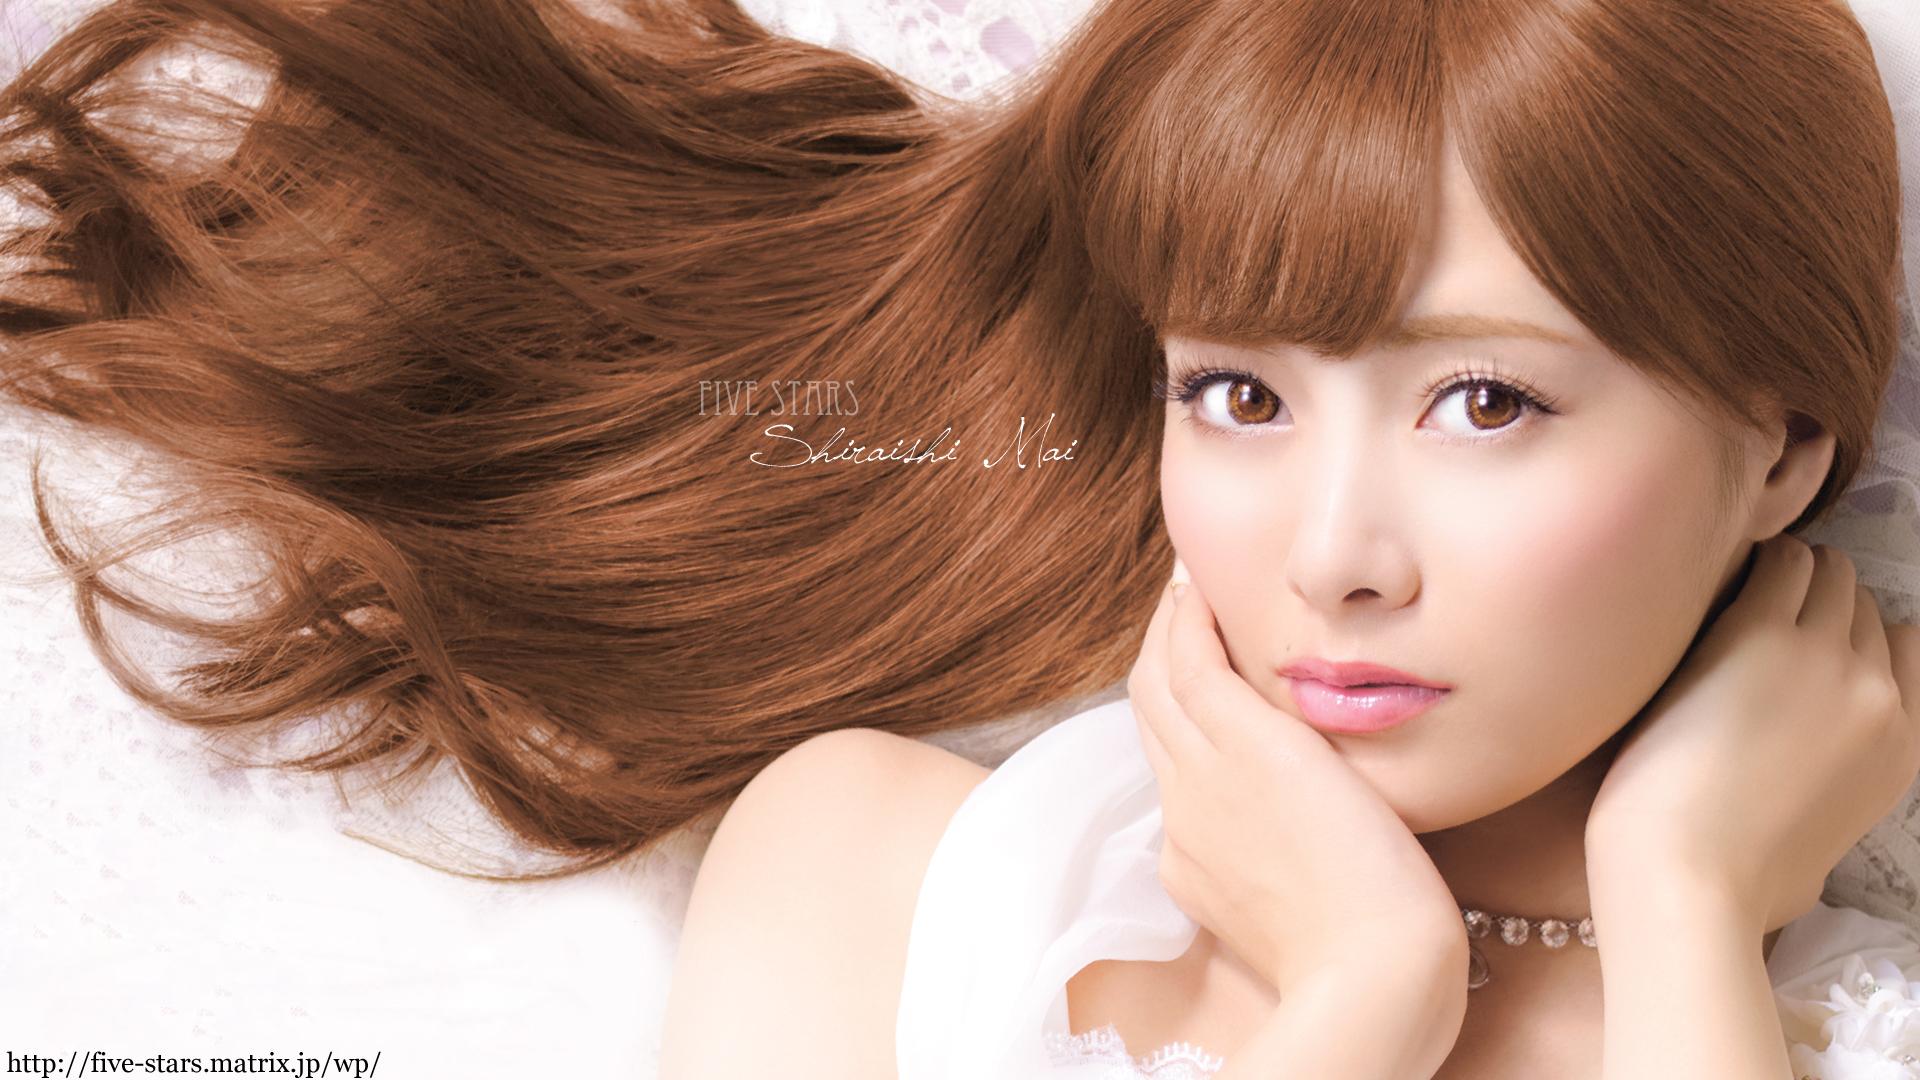 image http://scanlover.com/assets/images/47-n7kNvixeF60uUmjJ.jpeg